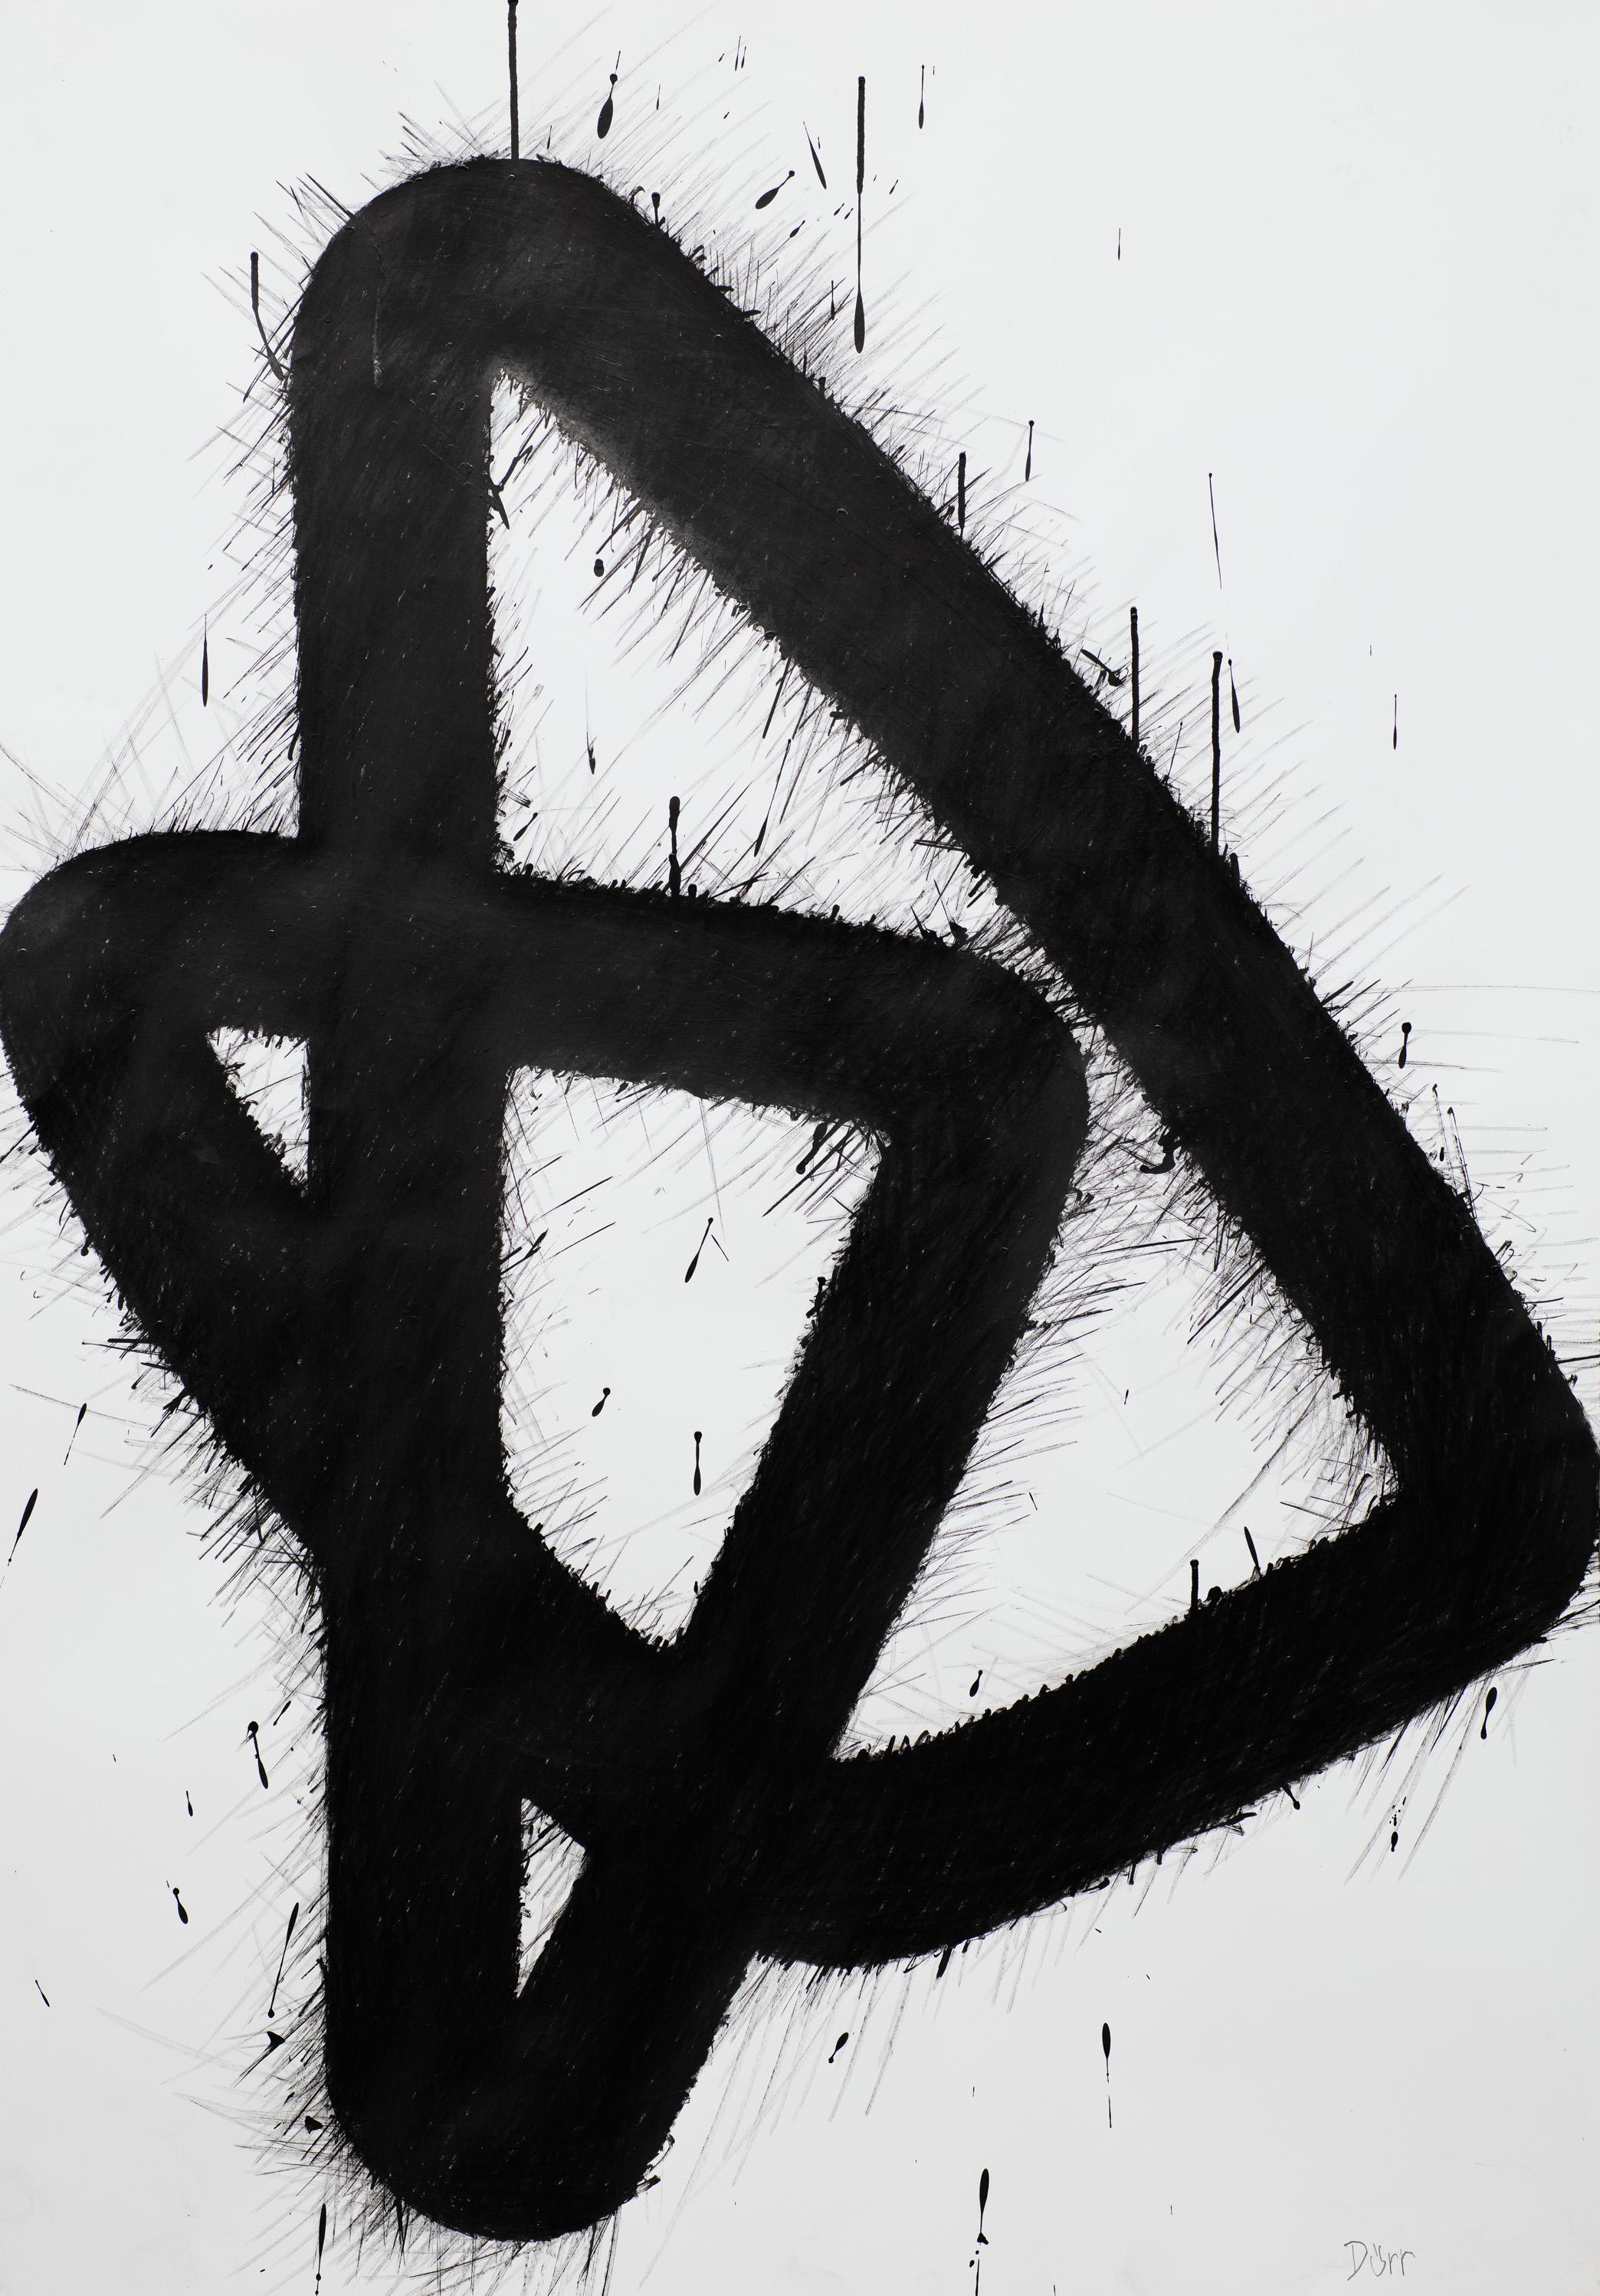 Linie, Tusche auf Papier, 2020